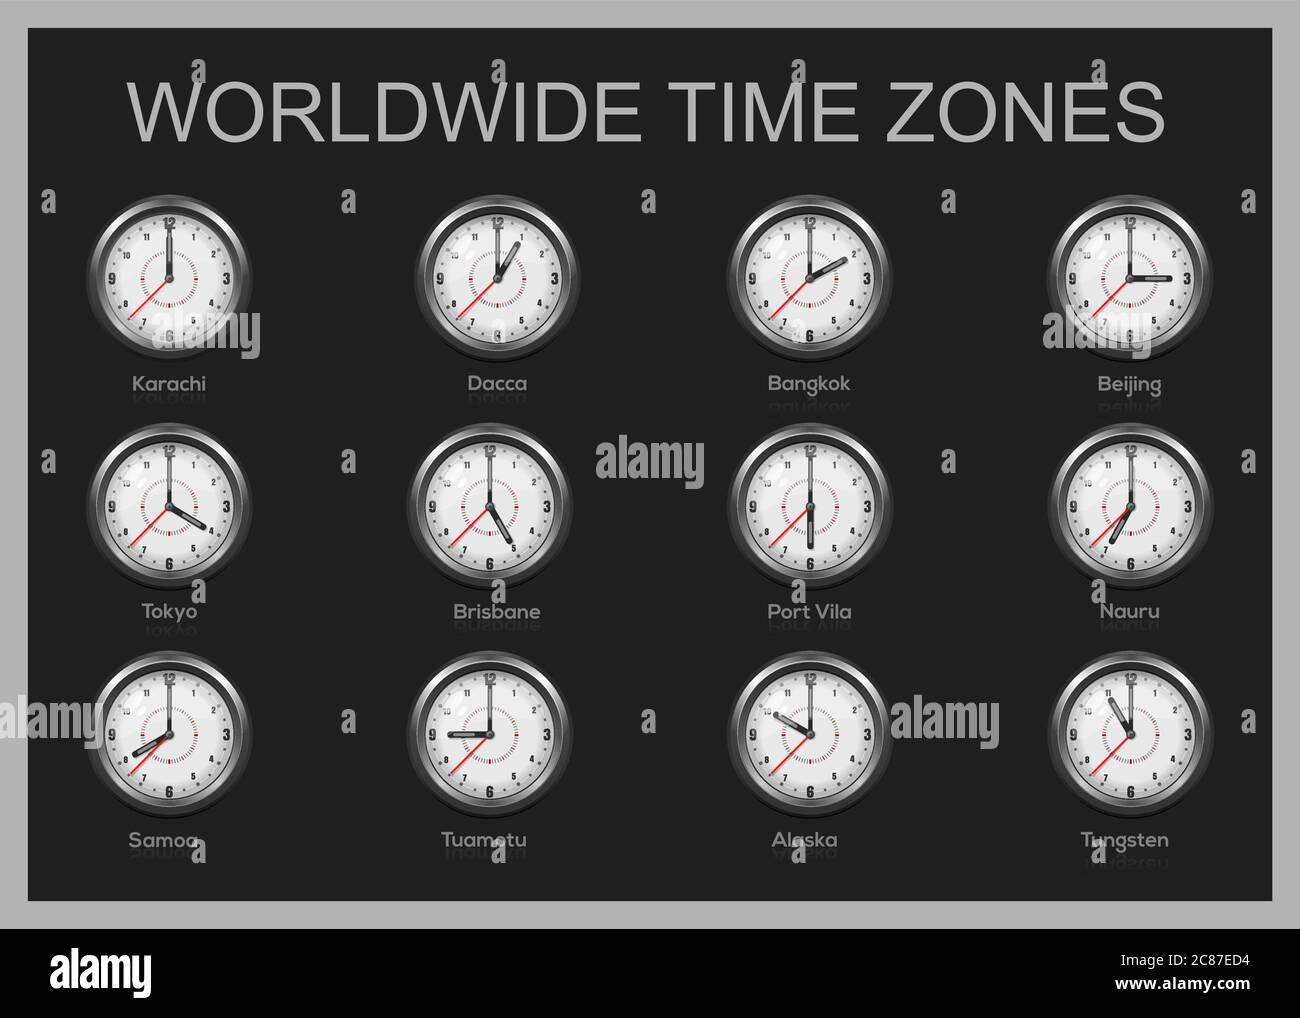 Uhren mit internationaler Uhrzeit. Weltzonen Stock Vektorgrafik ...